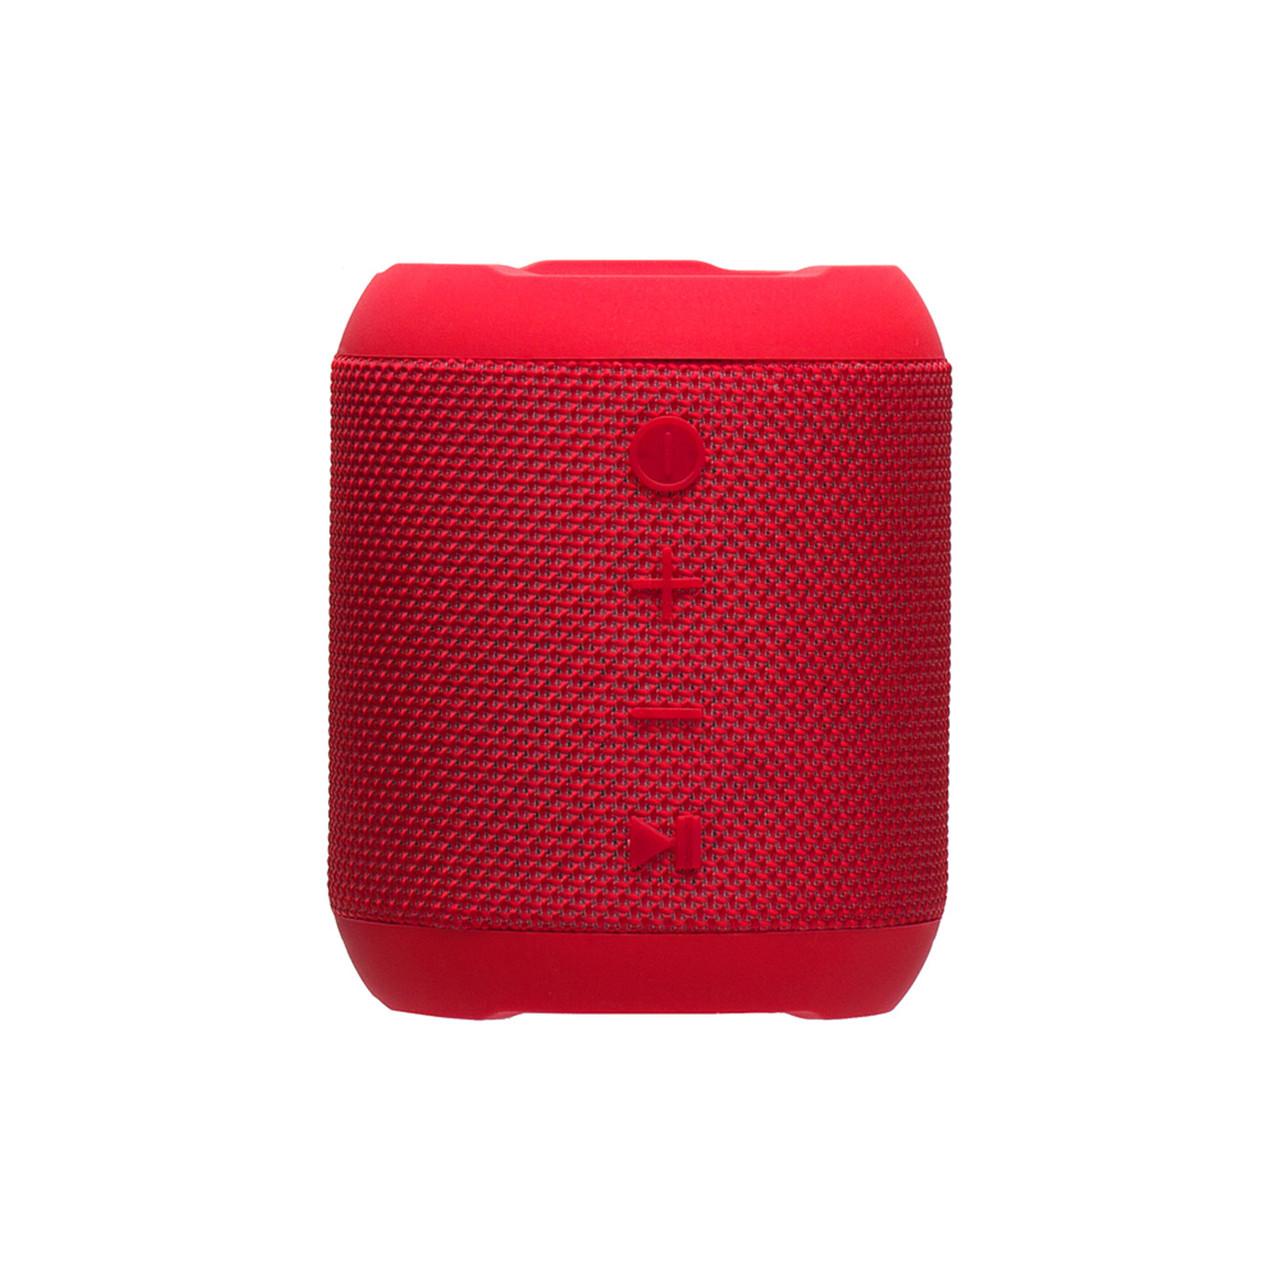 Портативная акустическая система Bluetooth Remax Fabric M21 Red